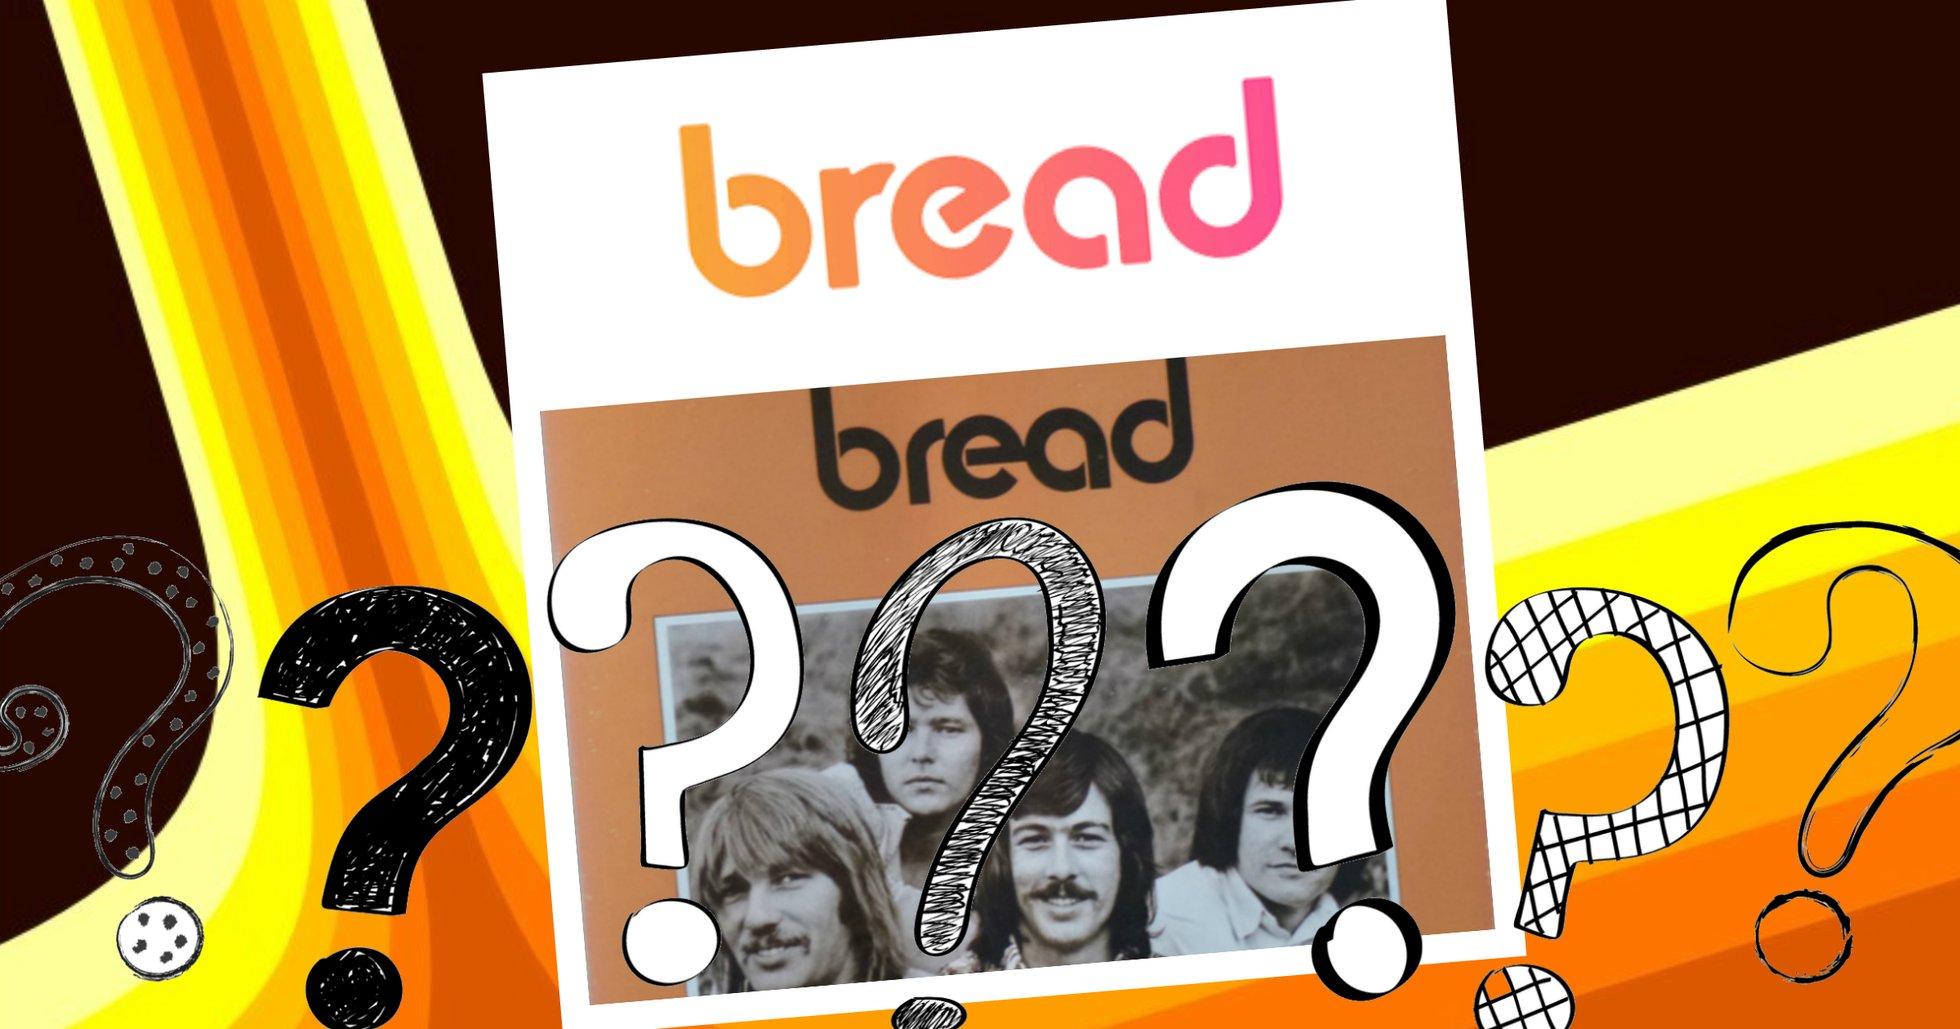 Har bitcoinplånboken Bread stulit sin logga från ett 70-talsband?